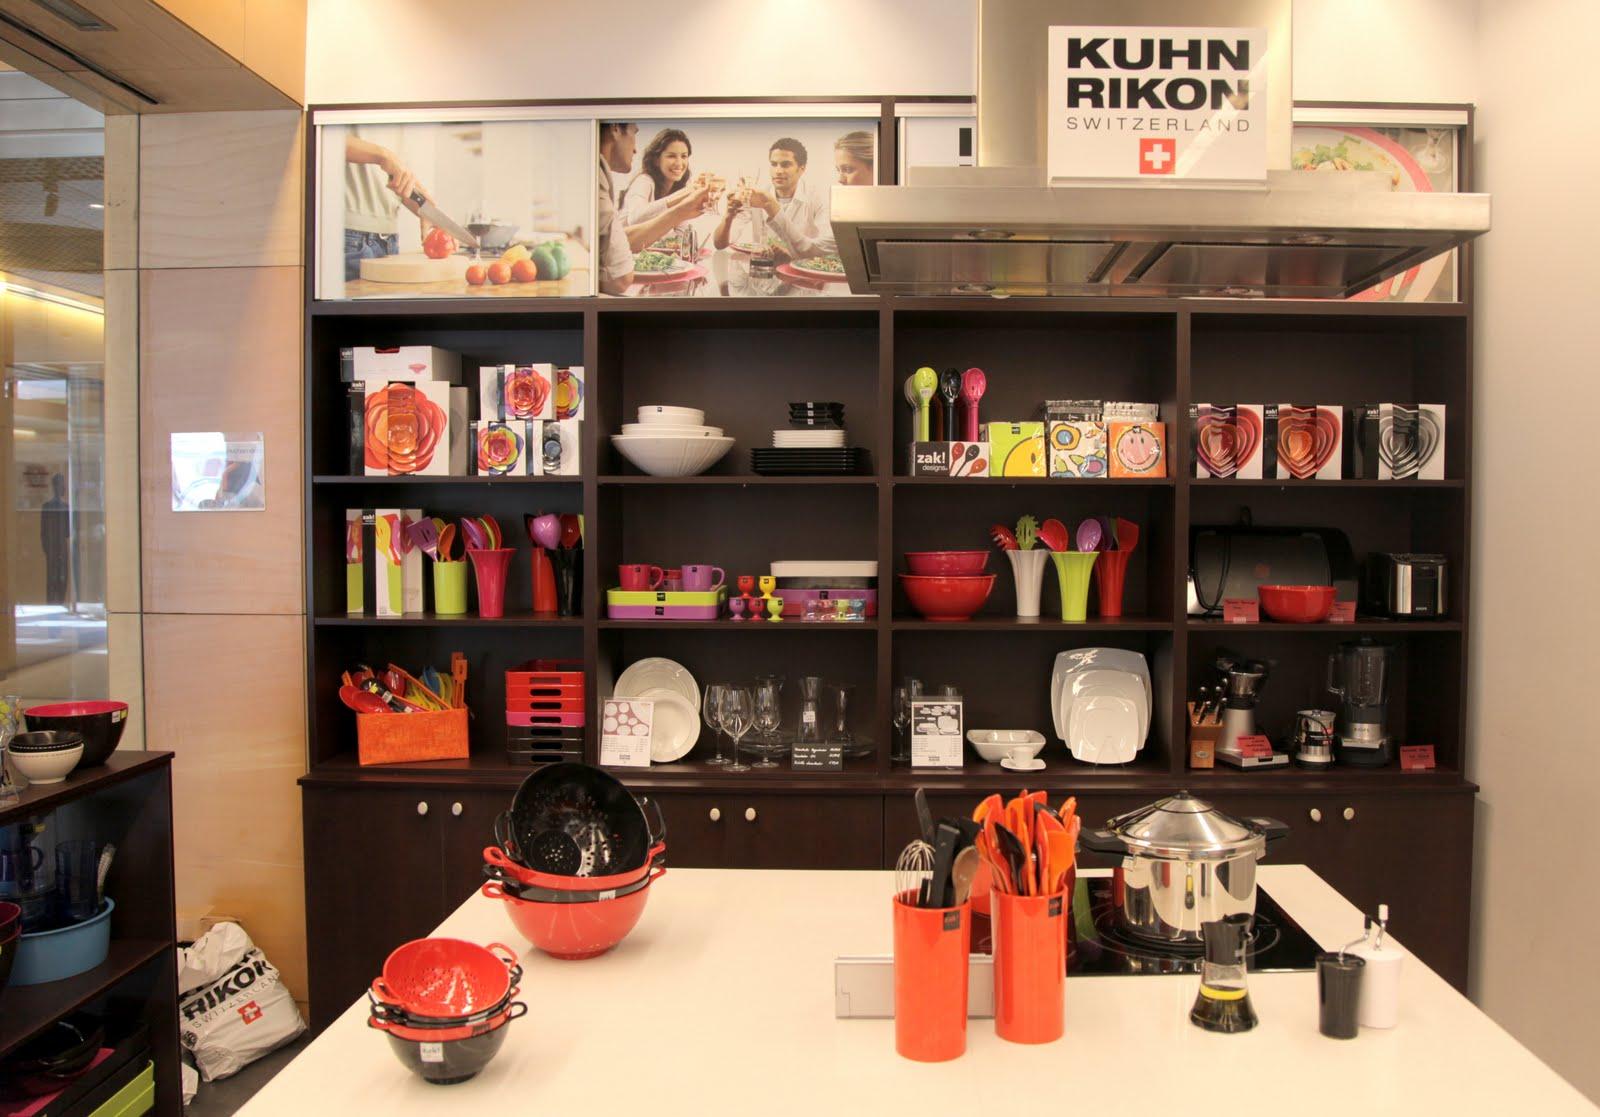 Kuhn rikon espa ola tienda zaragoza kuhn rikon for Articulos de menaje